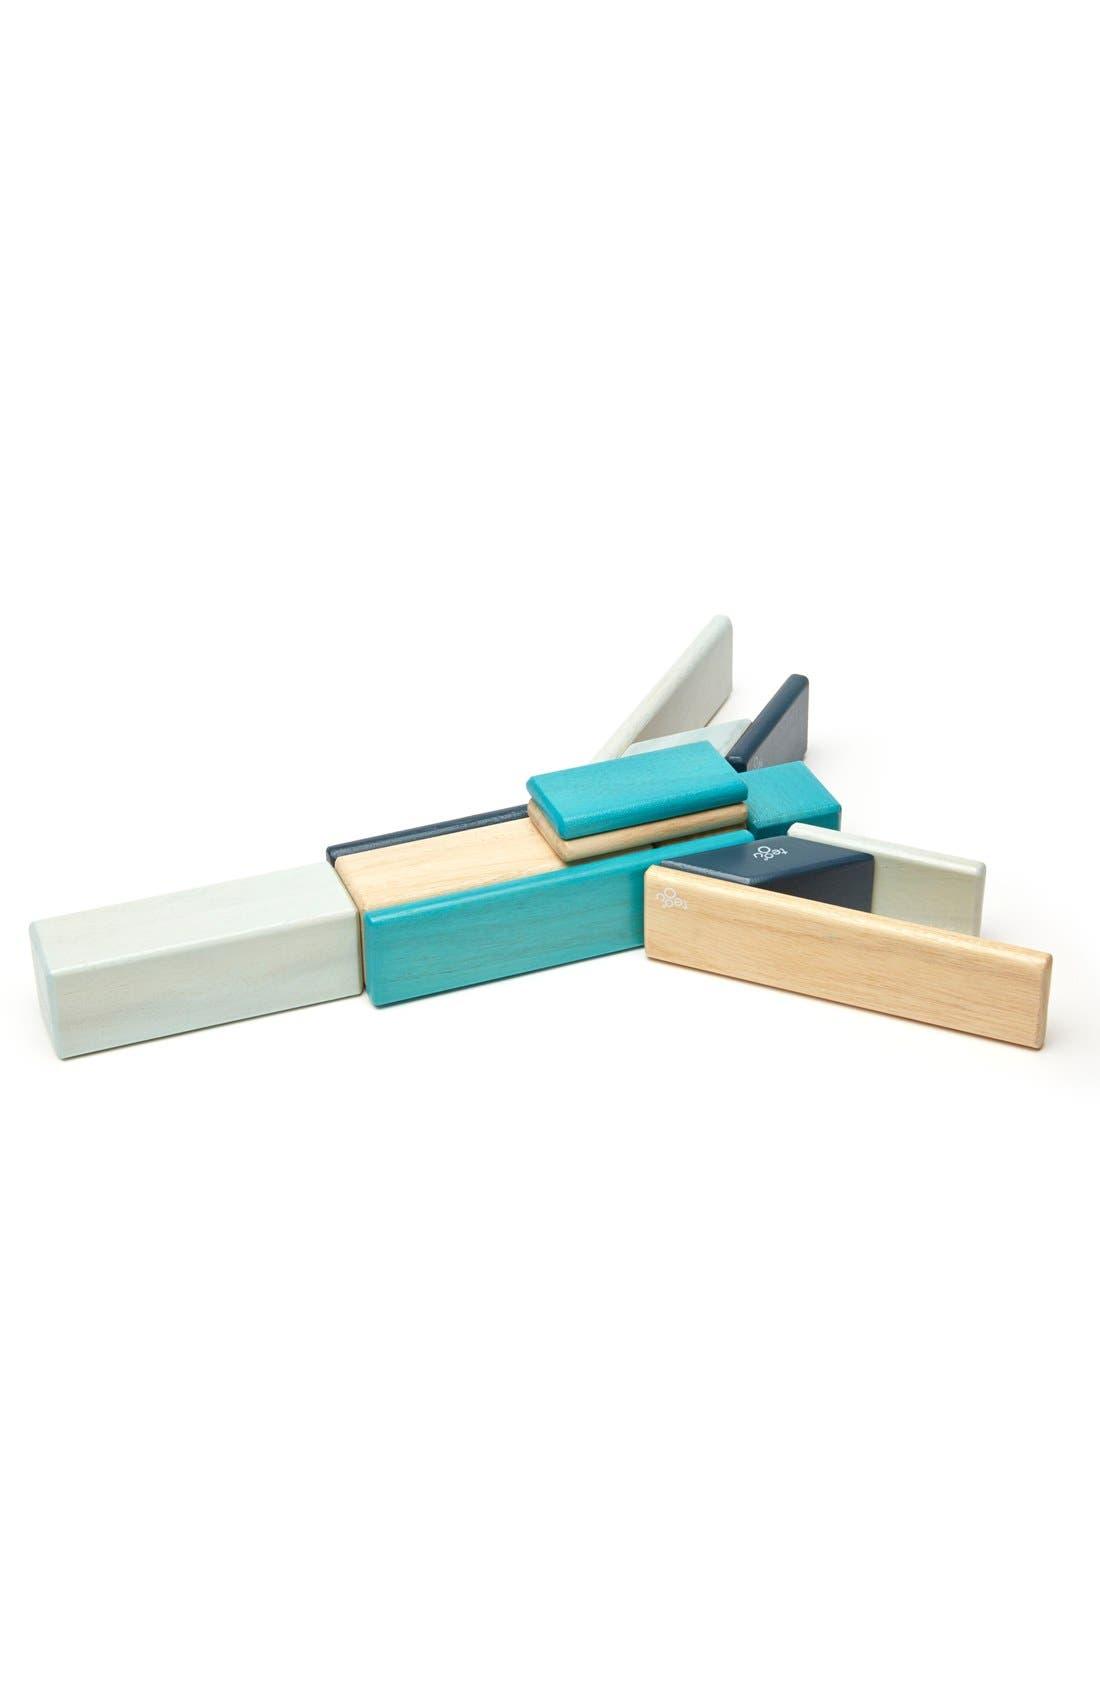 'Classics - Blues' Magnetic Wooden Blocks Play Set,                         Main,                         color, 400